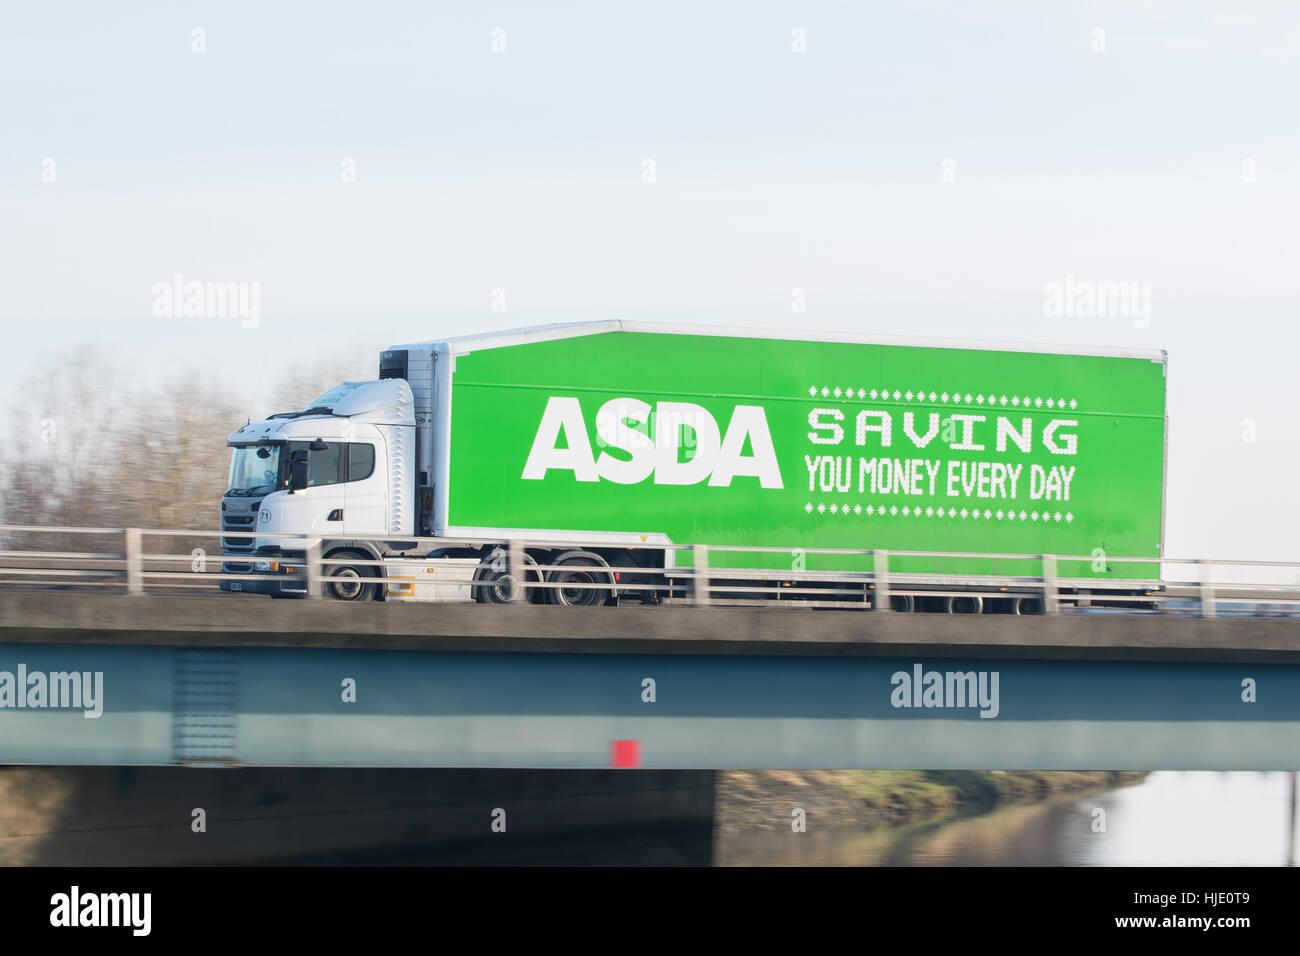 Asda camión - 'Saving dinero cada día' Imagen De Stock